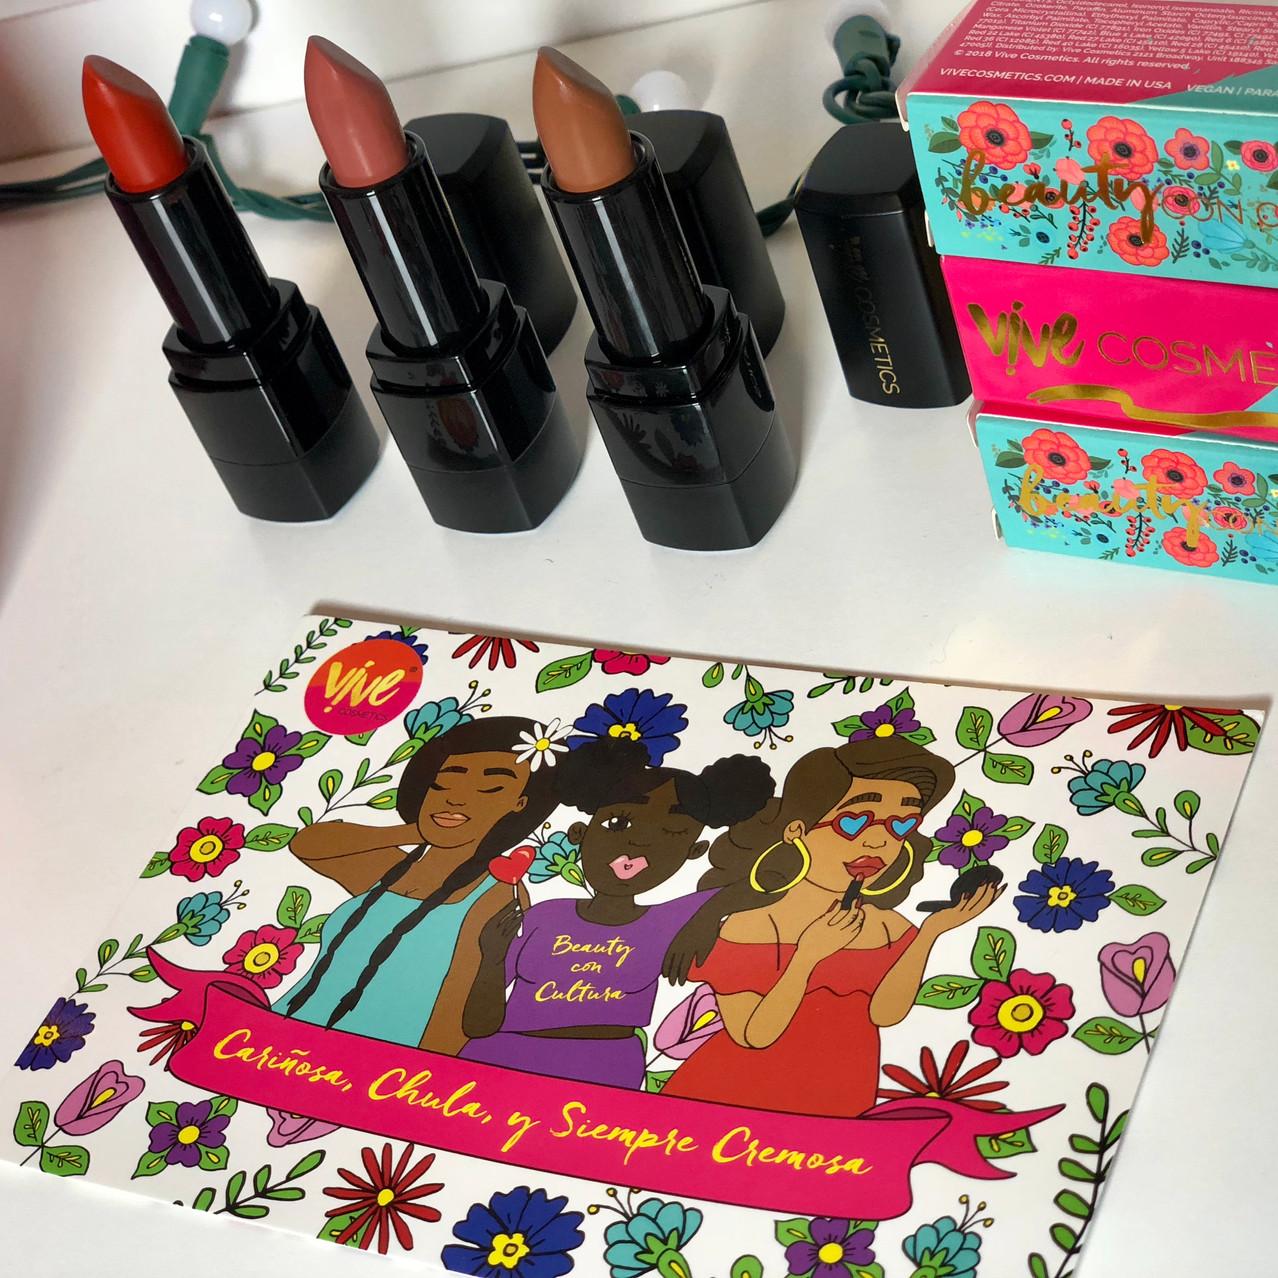 Vive Cosmetics_ Cremosa